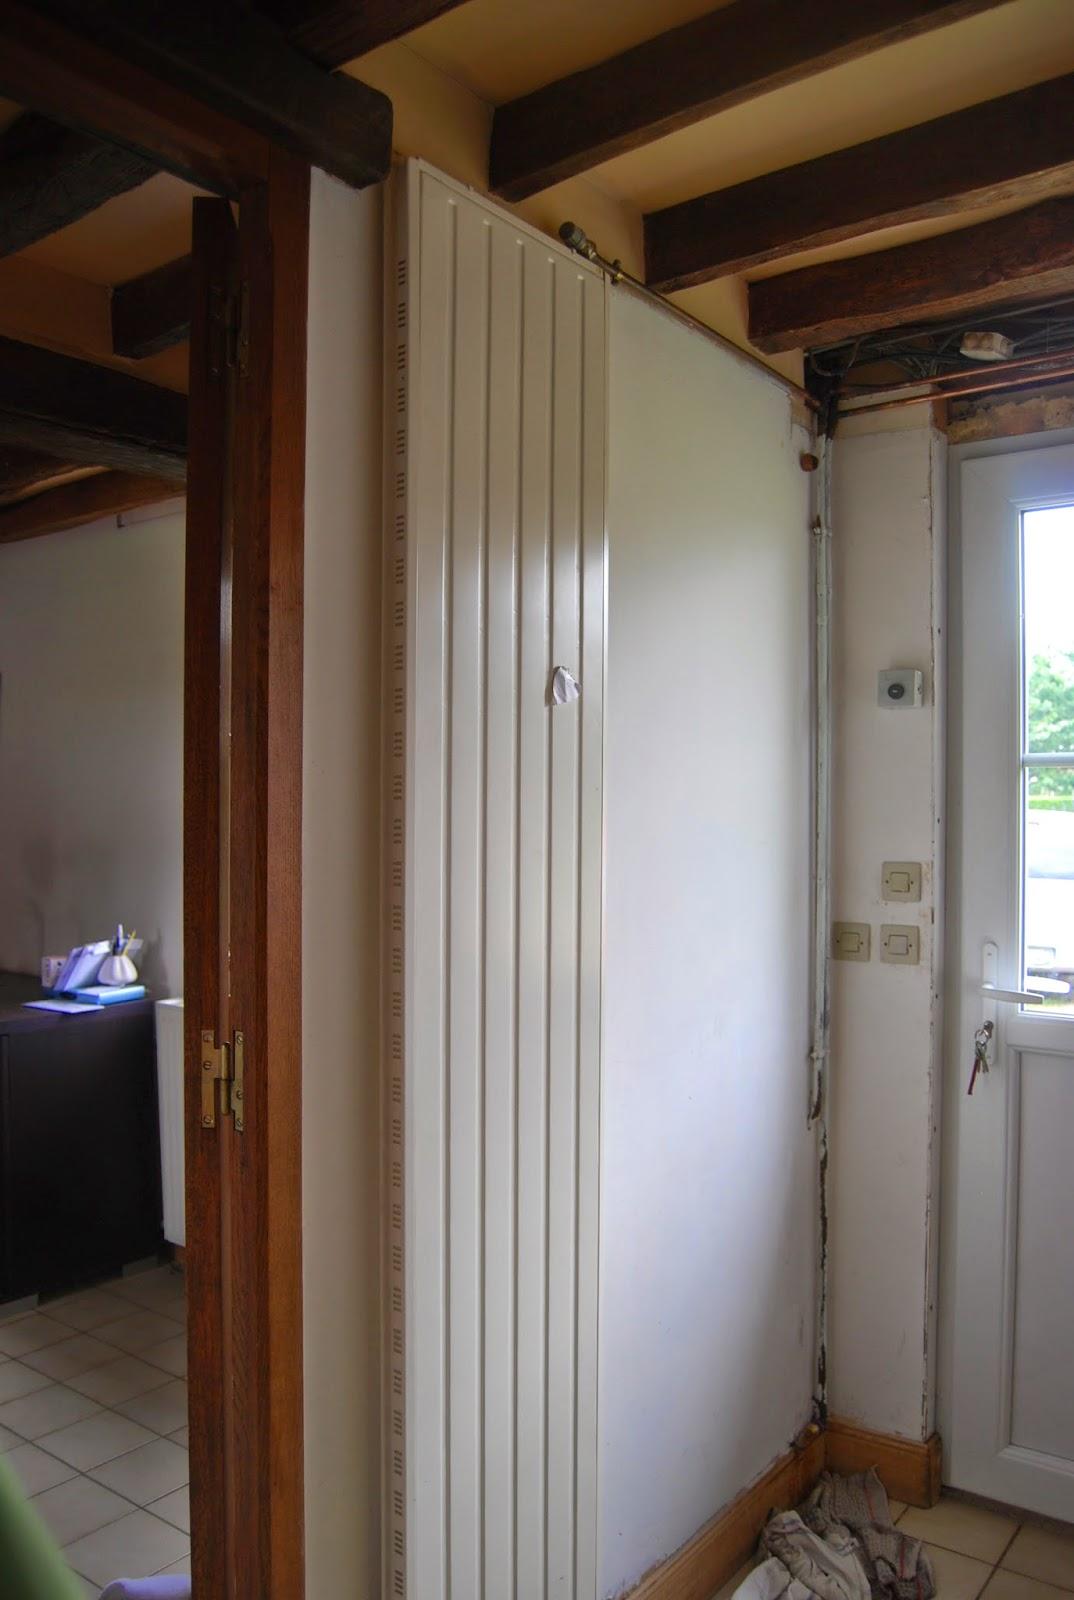 les mandarins de thuit signol comment d monter un. Black Bedroom Furniture Sets. Home Design Ideas